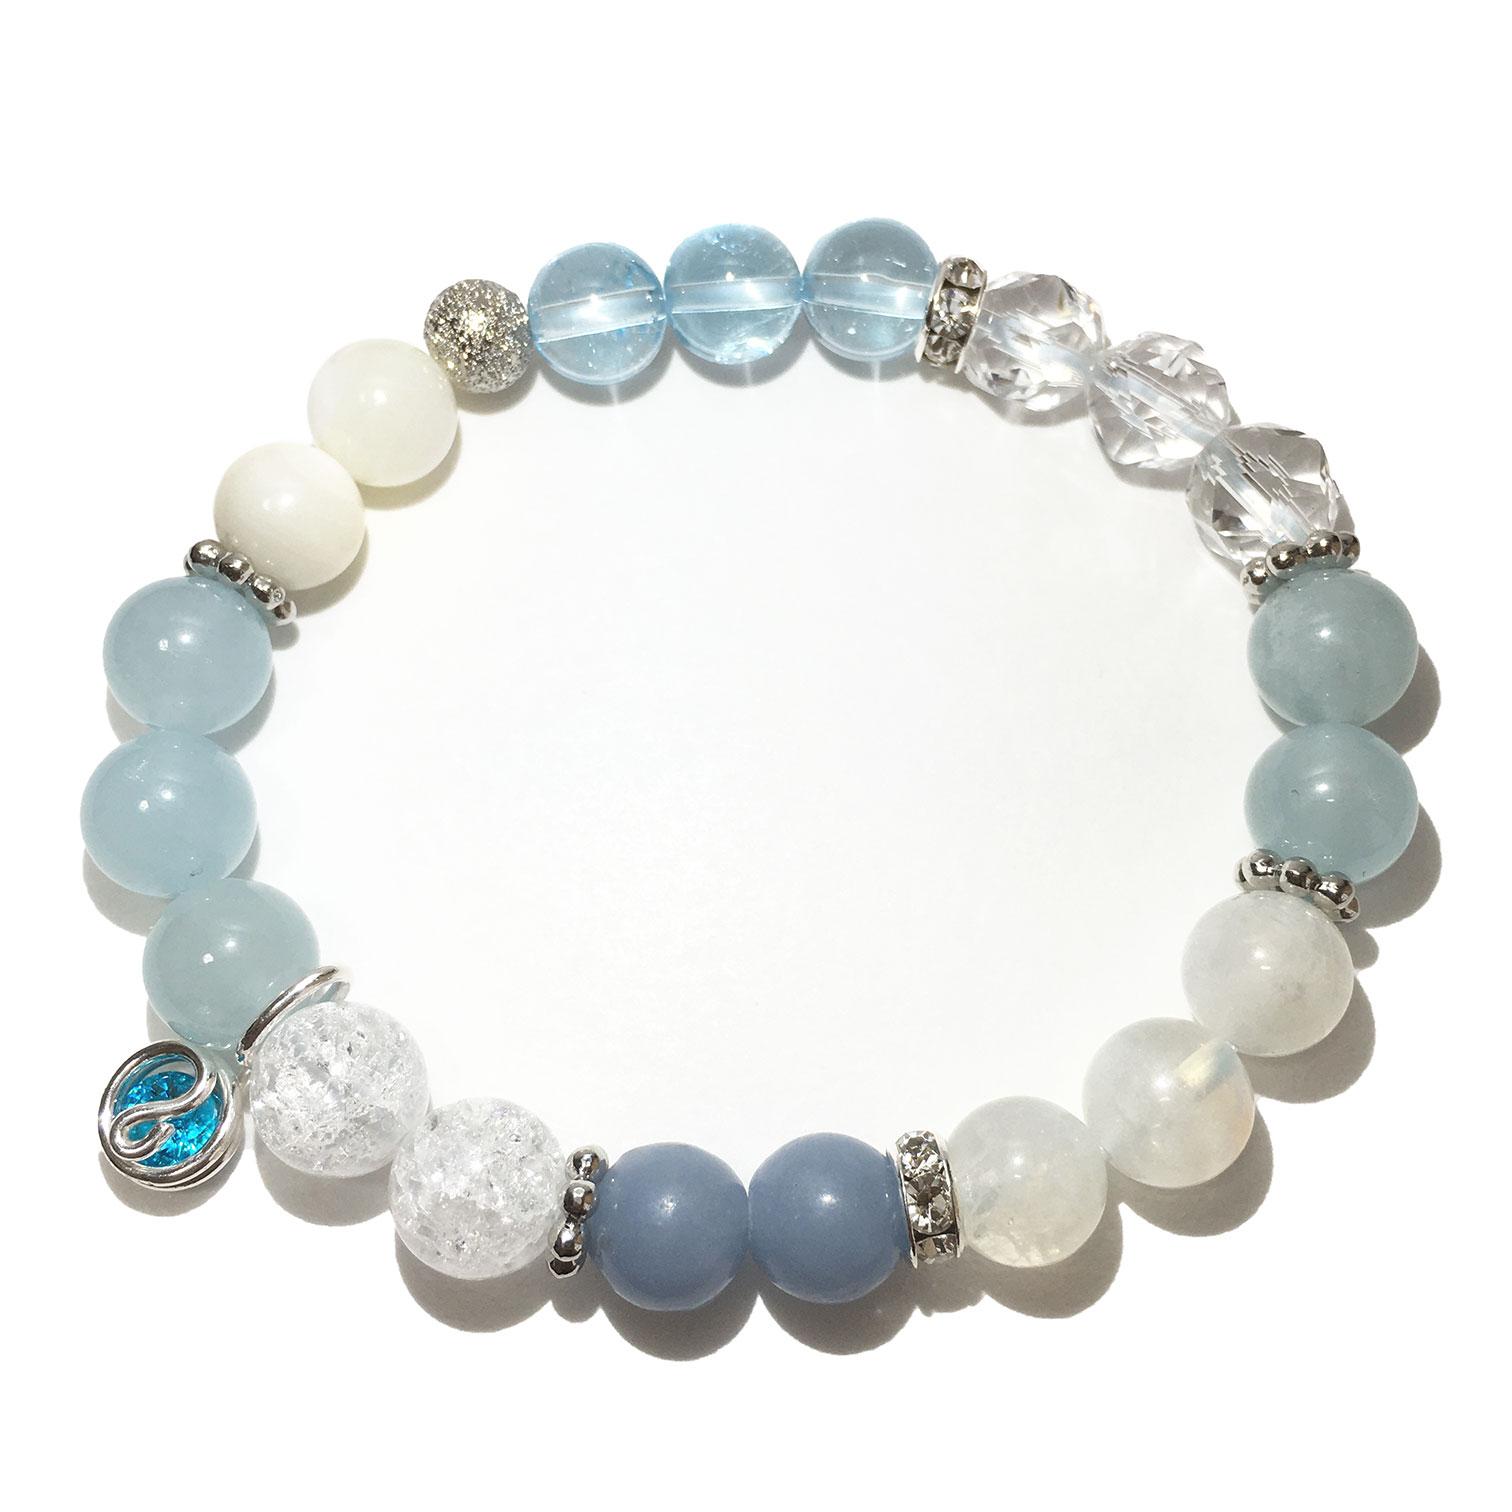 天然石ブレスレットチャーム付 ライトブルー08 女性用